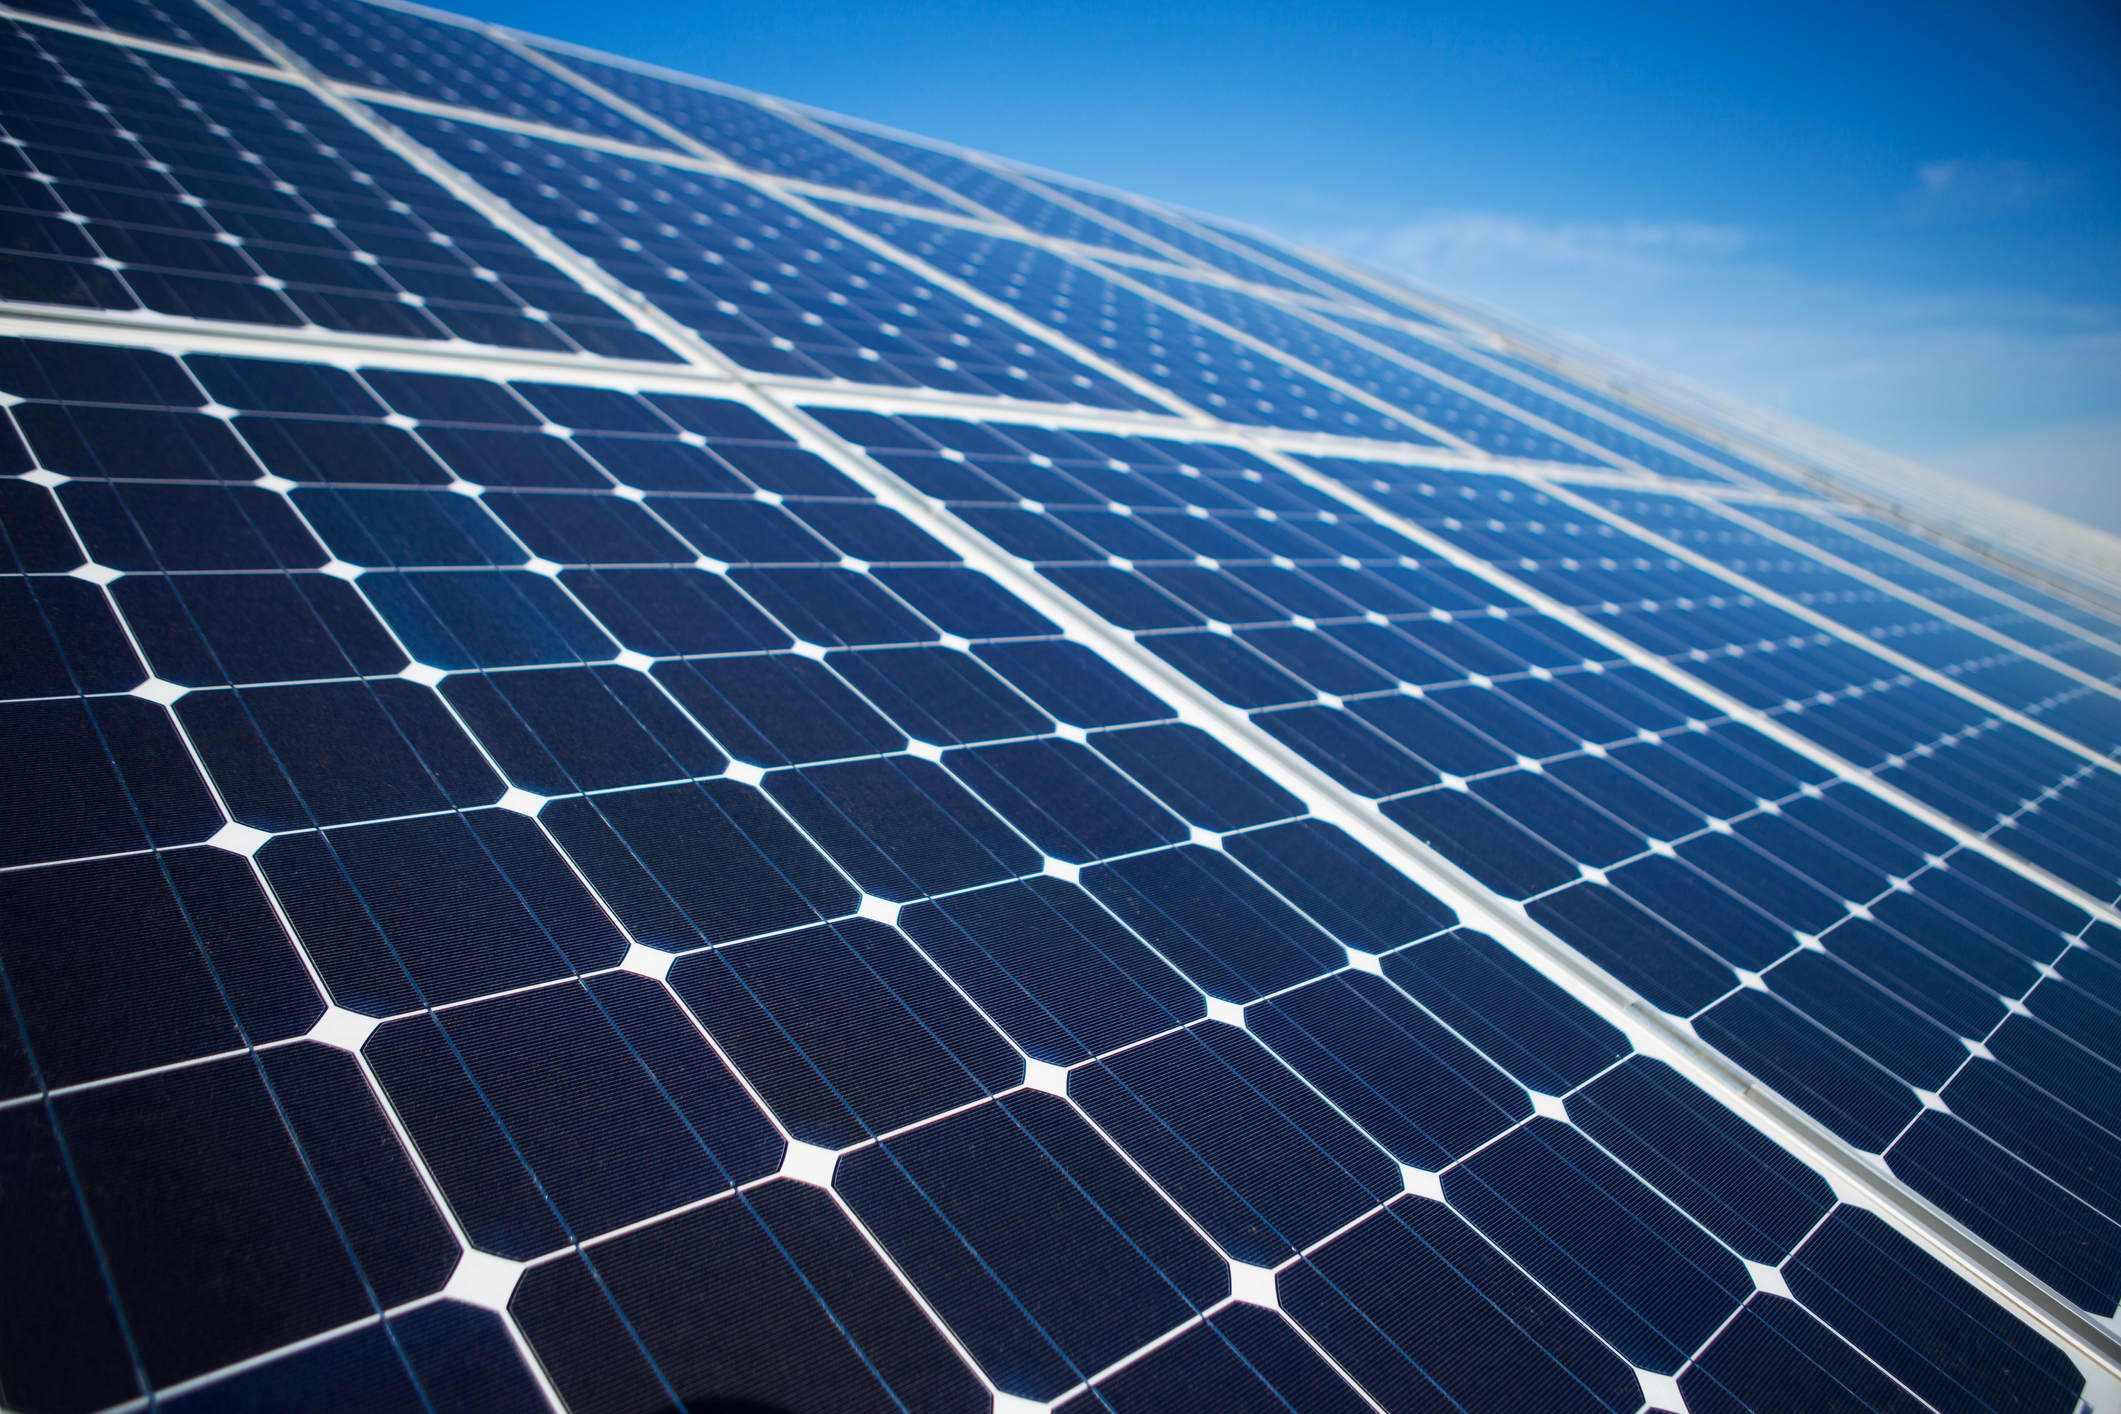 solaredge goldman upside catalysts driven